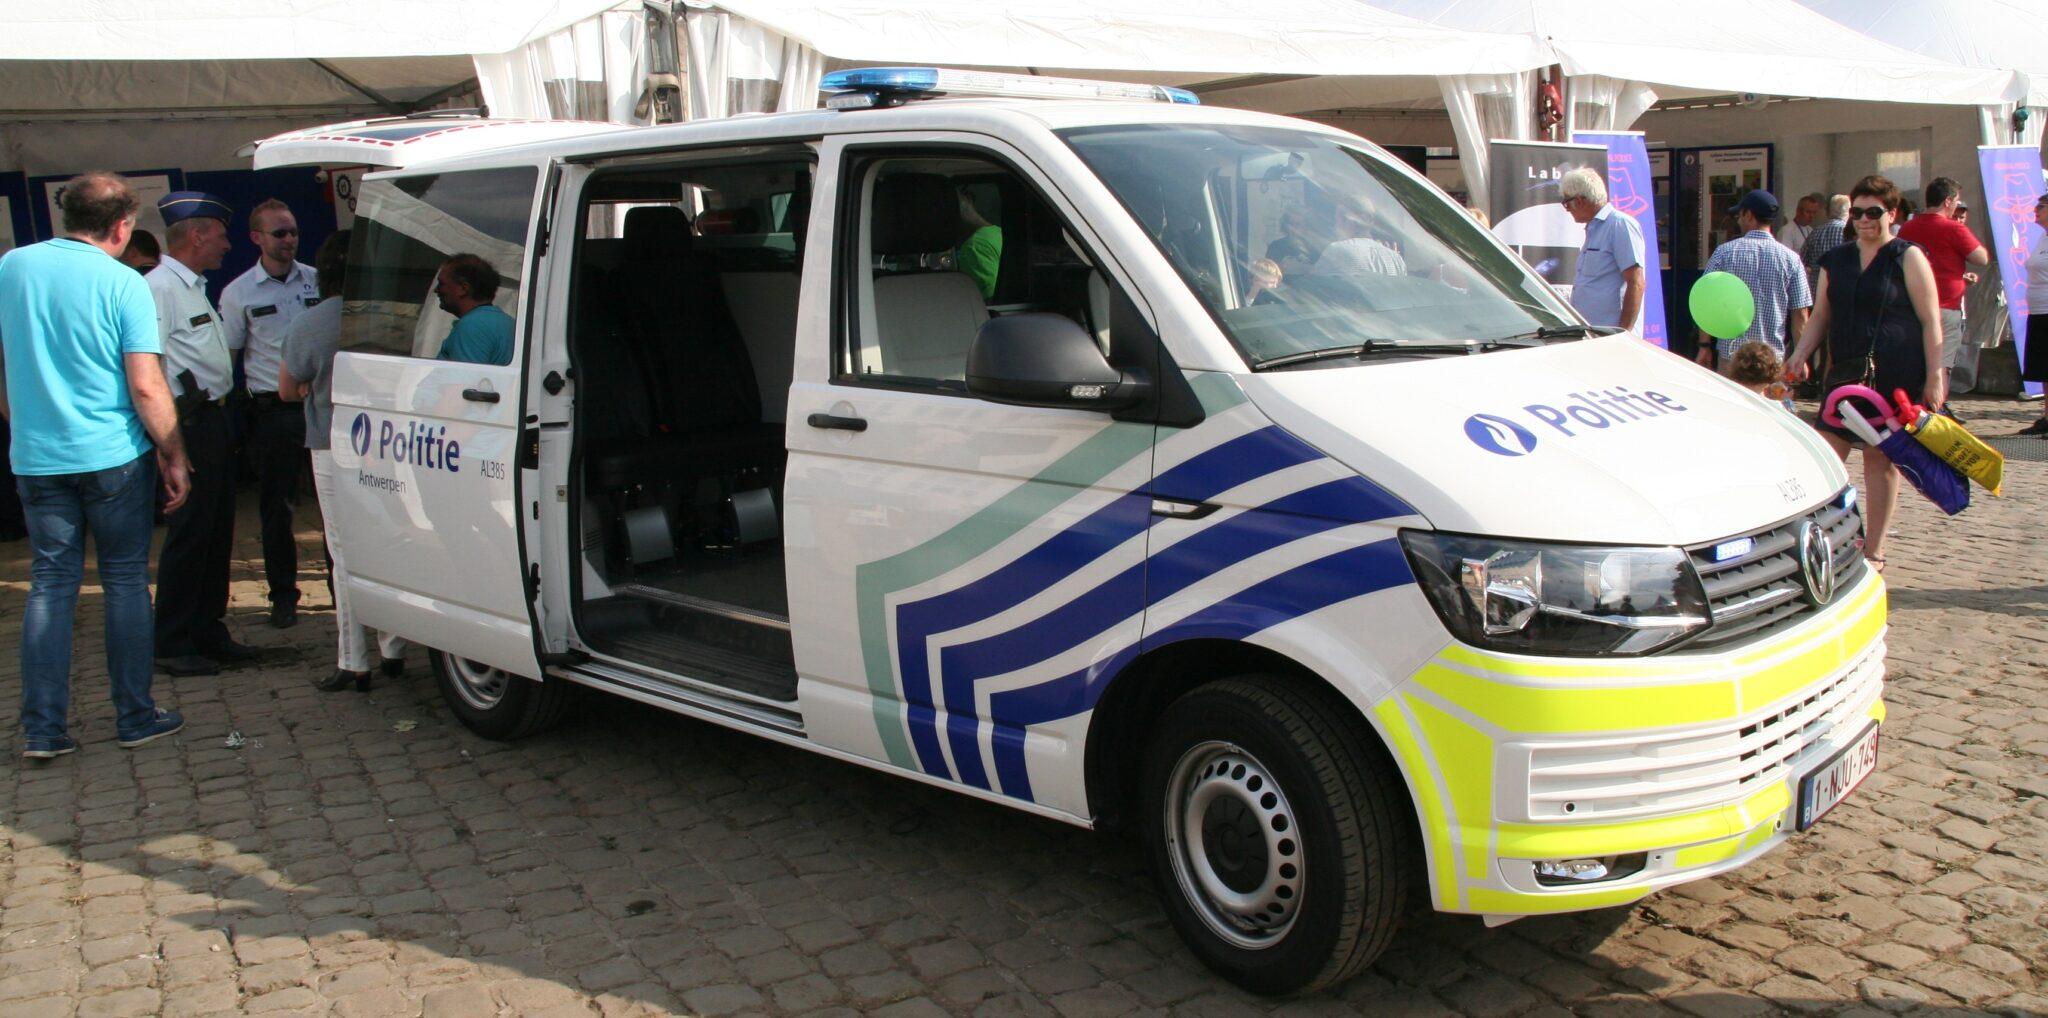 Belgique : un policier signale les emplacements des radars sur Facebook